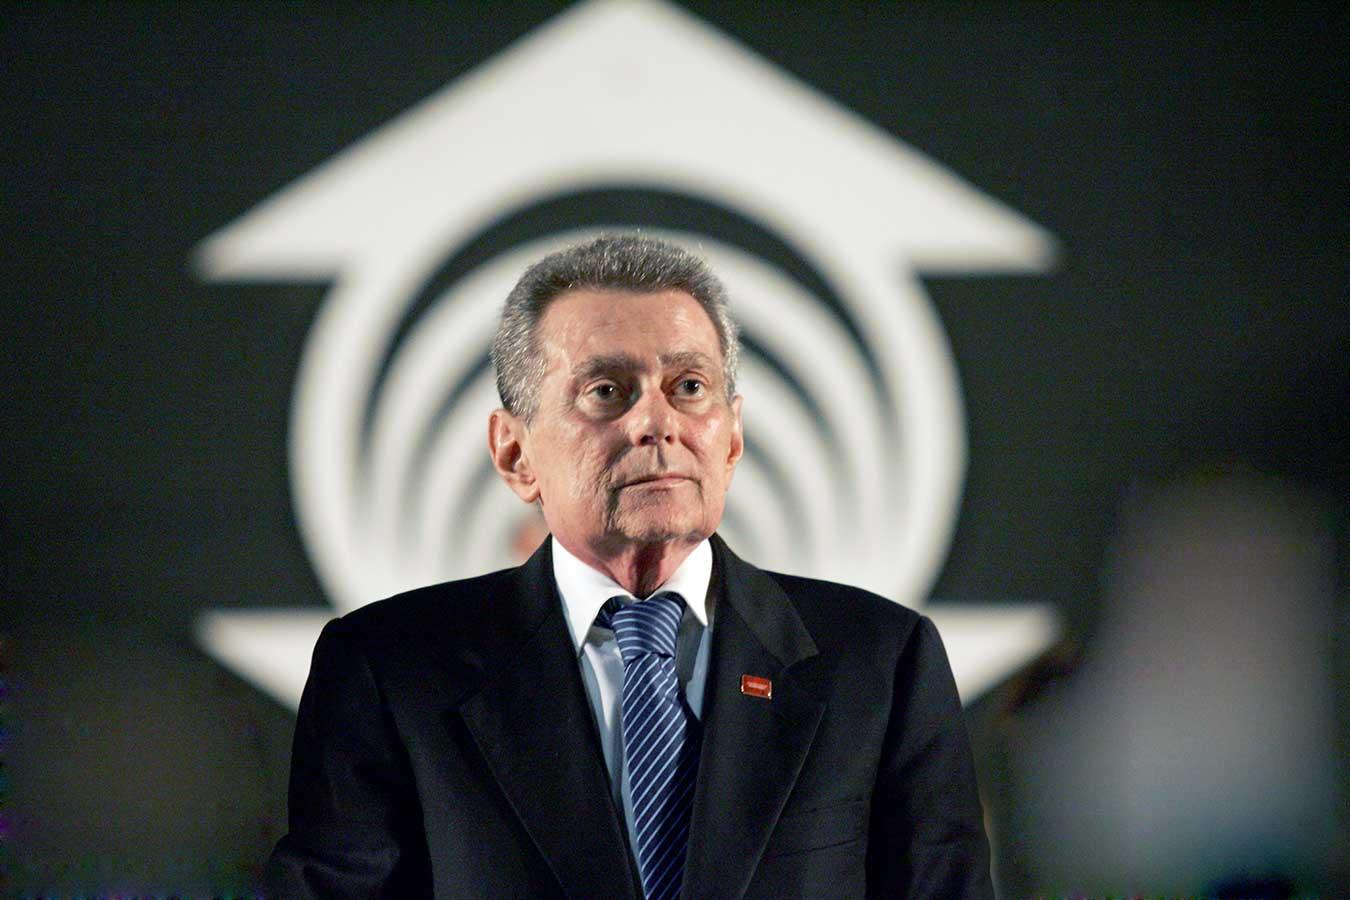 Morre o chanceler Aírton Queiroz, deixando legado de arte e cultura